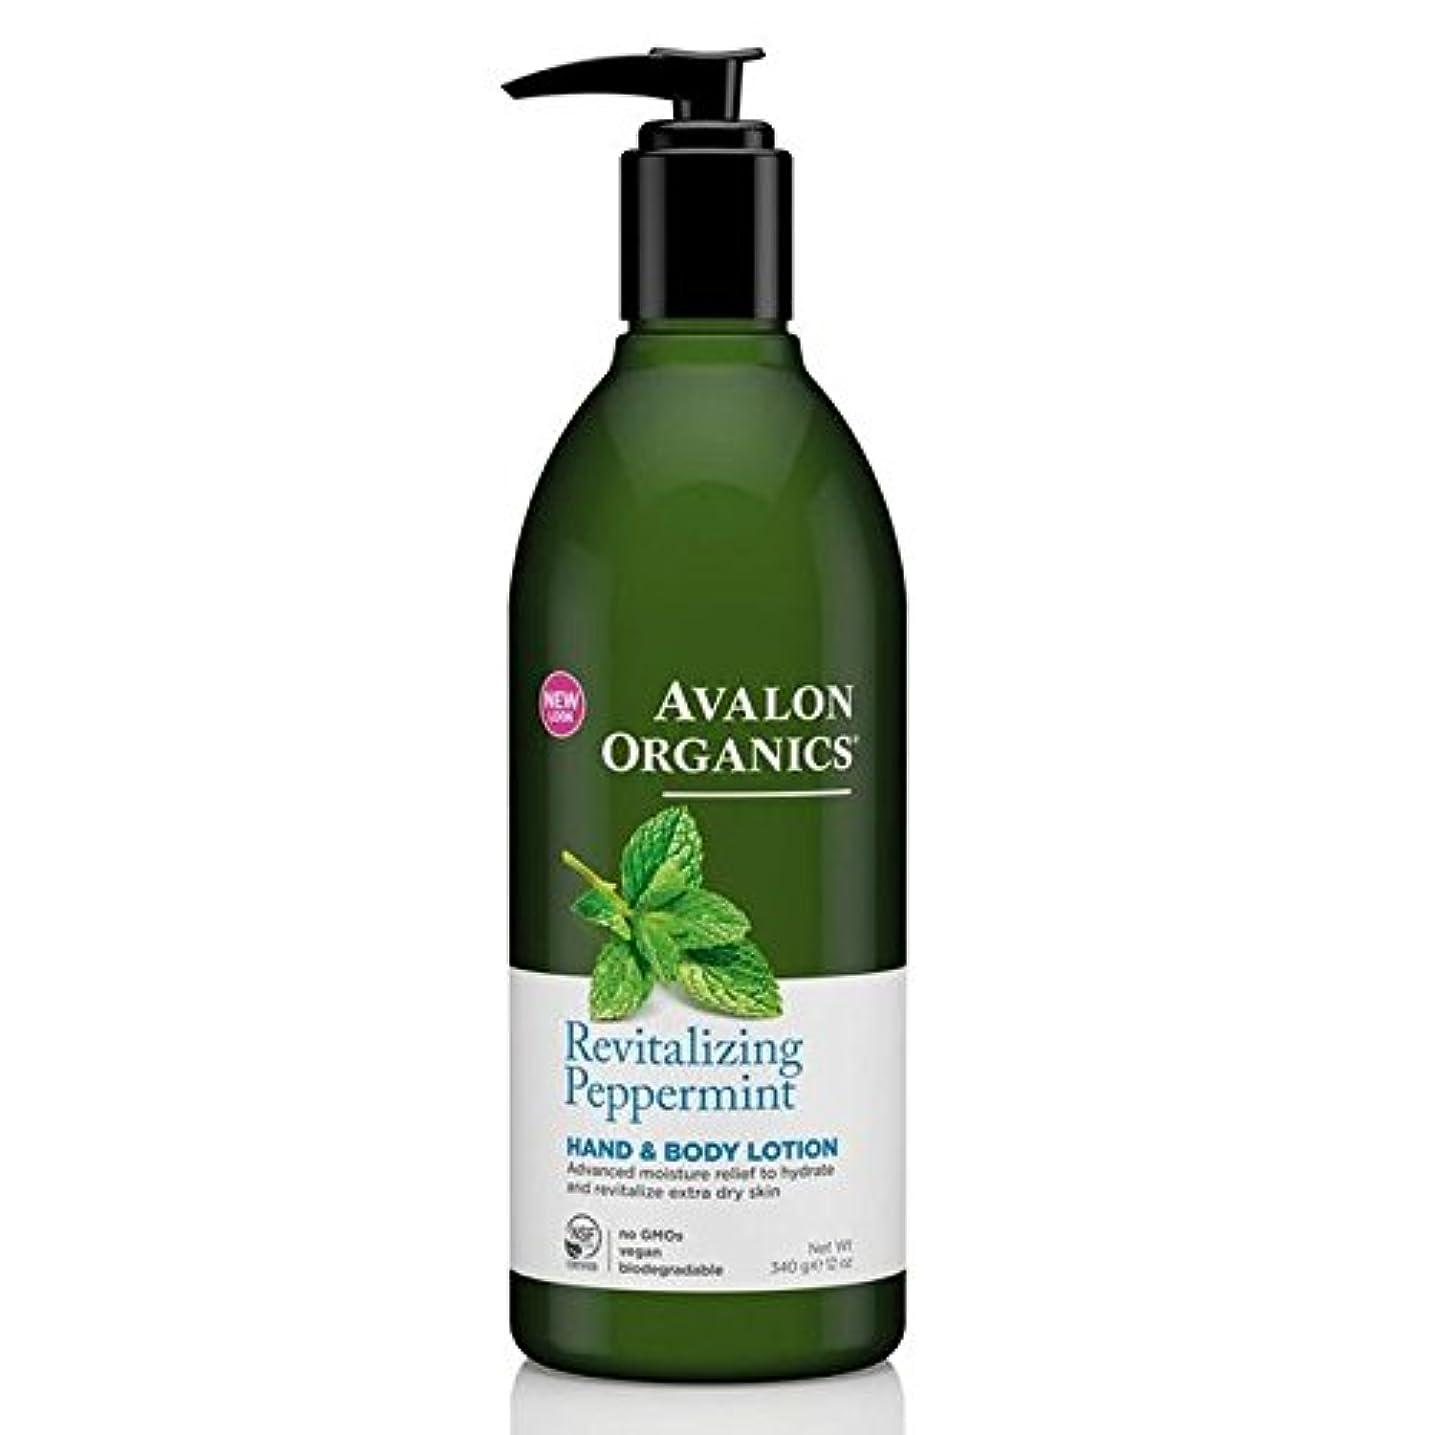 力強い矢じりオデュッセウスAvalon Peppermint Hand & Body Lotion 340g (Pack of 4) - (Avalon) ペパーミントハンド&ボディローション340グラム (x4) [並行輸入品]